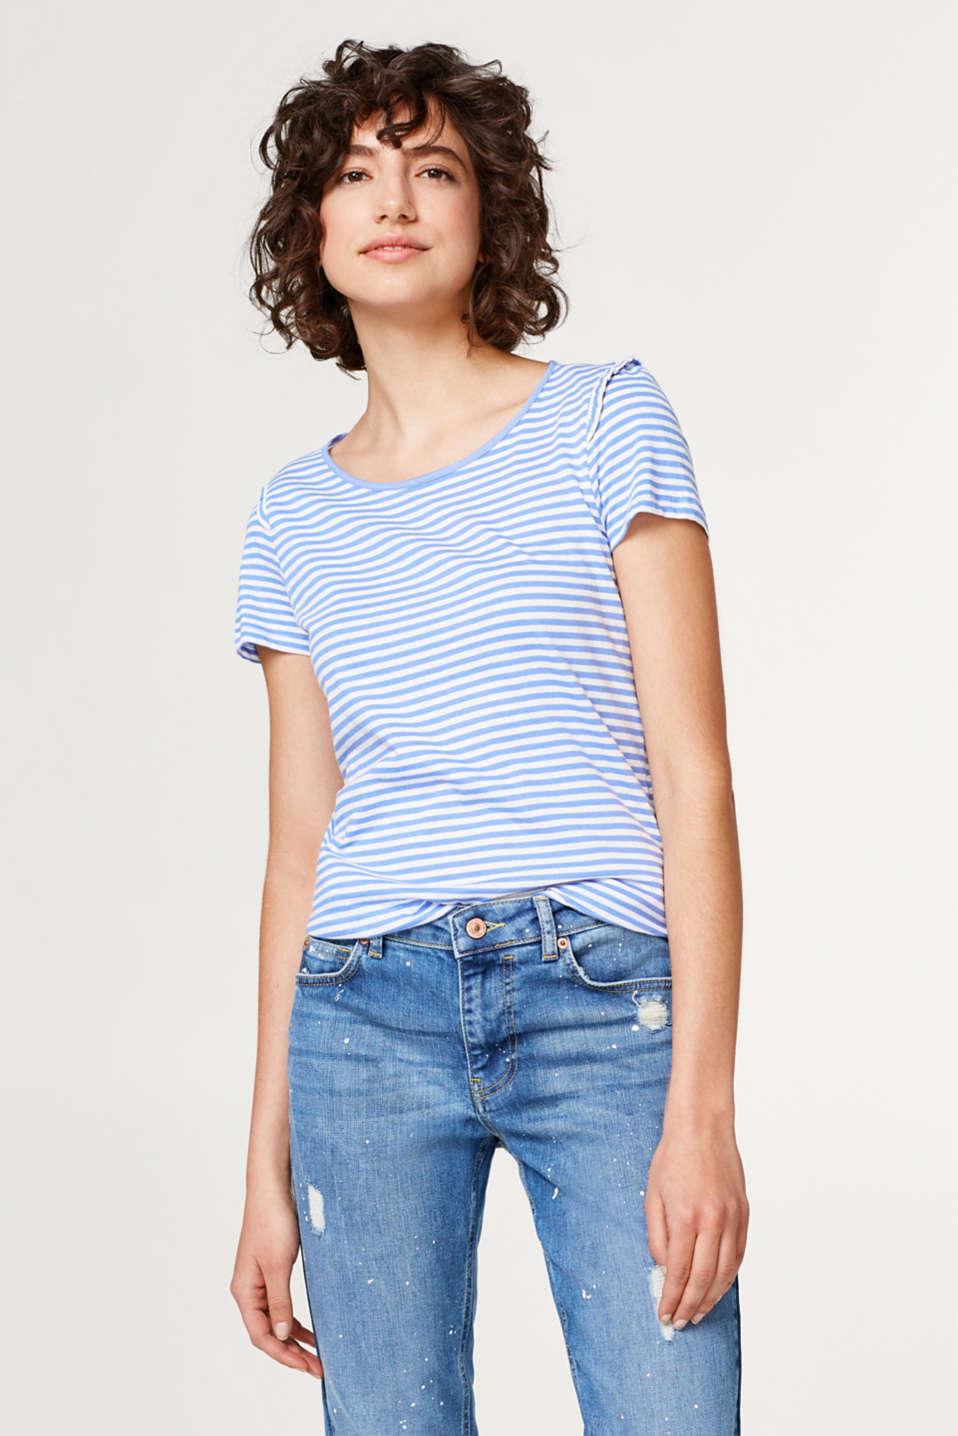 esprit baumwoll shirt mit r schen rmeln im online shop kaufen. Black Bedroom Furniture Sets. Home Design Ideas